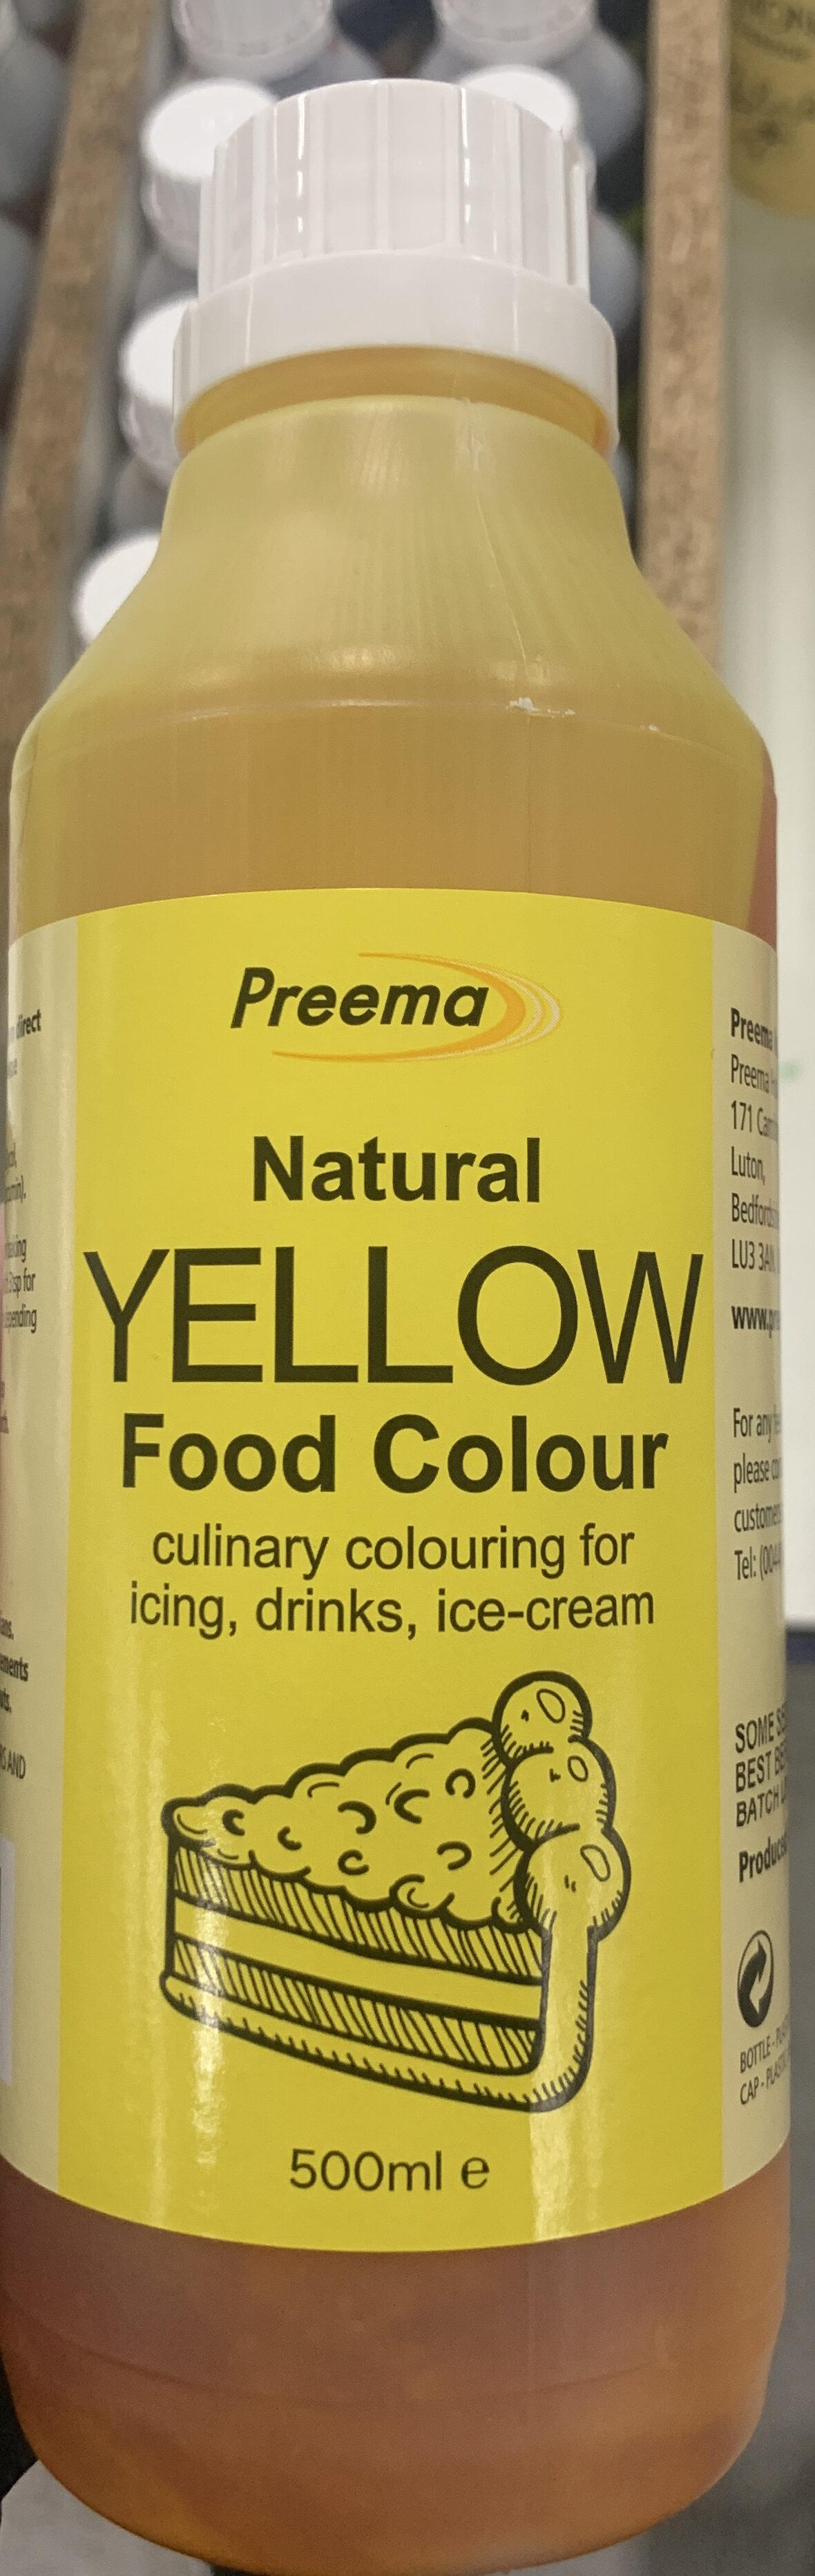 Natural yellow food colour - Produit - en